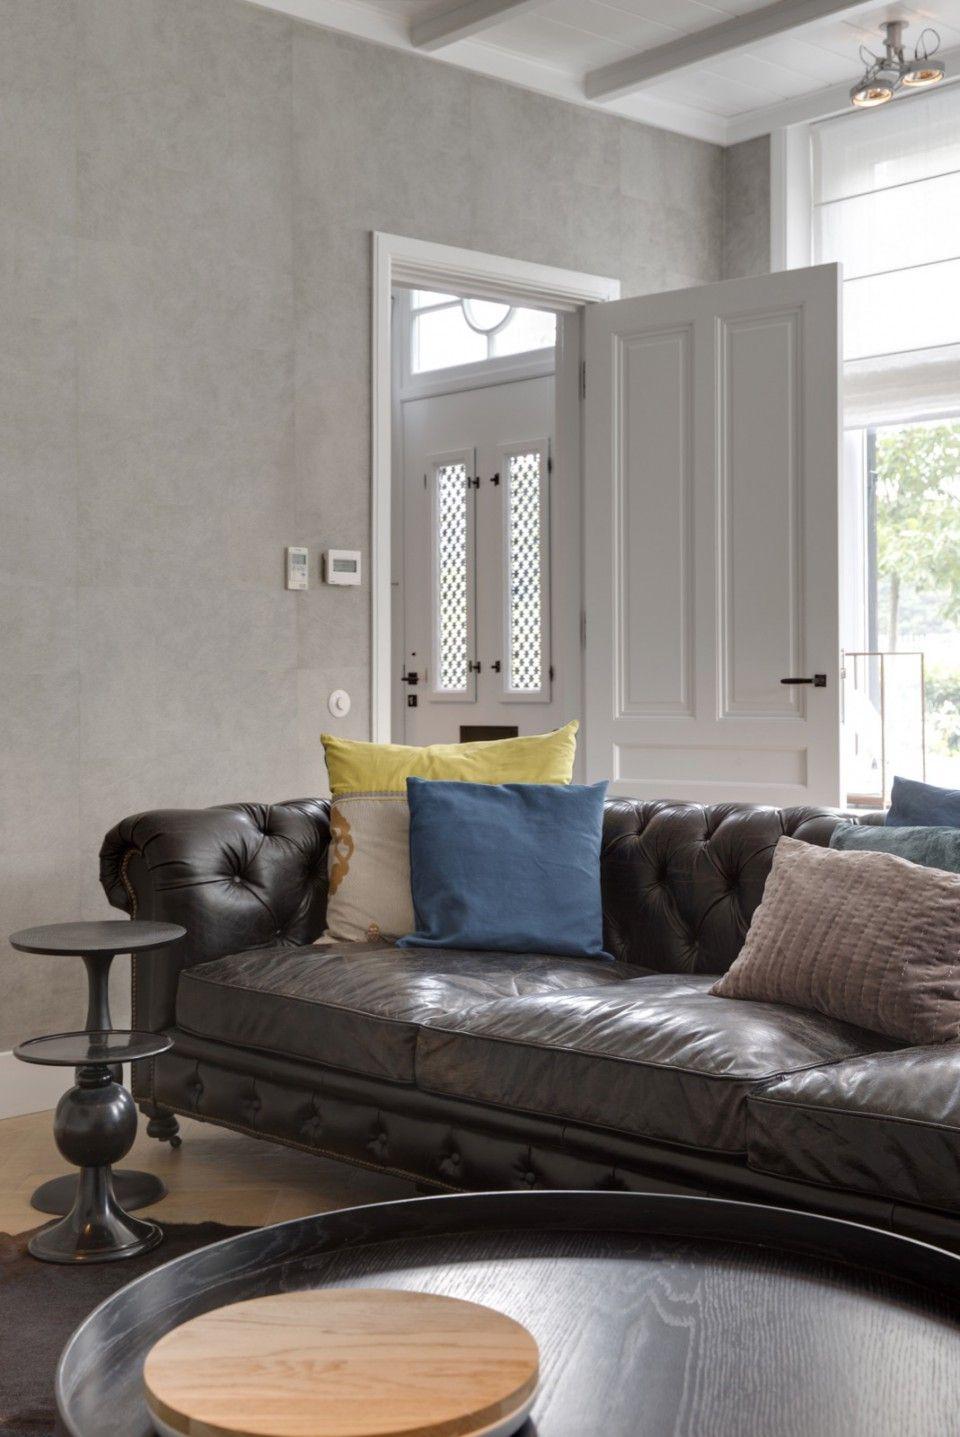 Woonkamer design met zitbank   woonkamer ideeën   living room decor ...